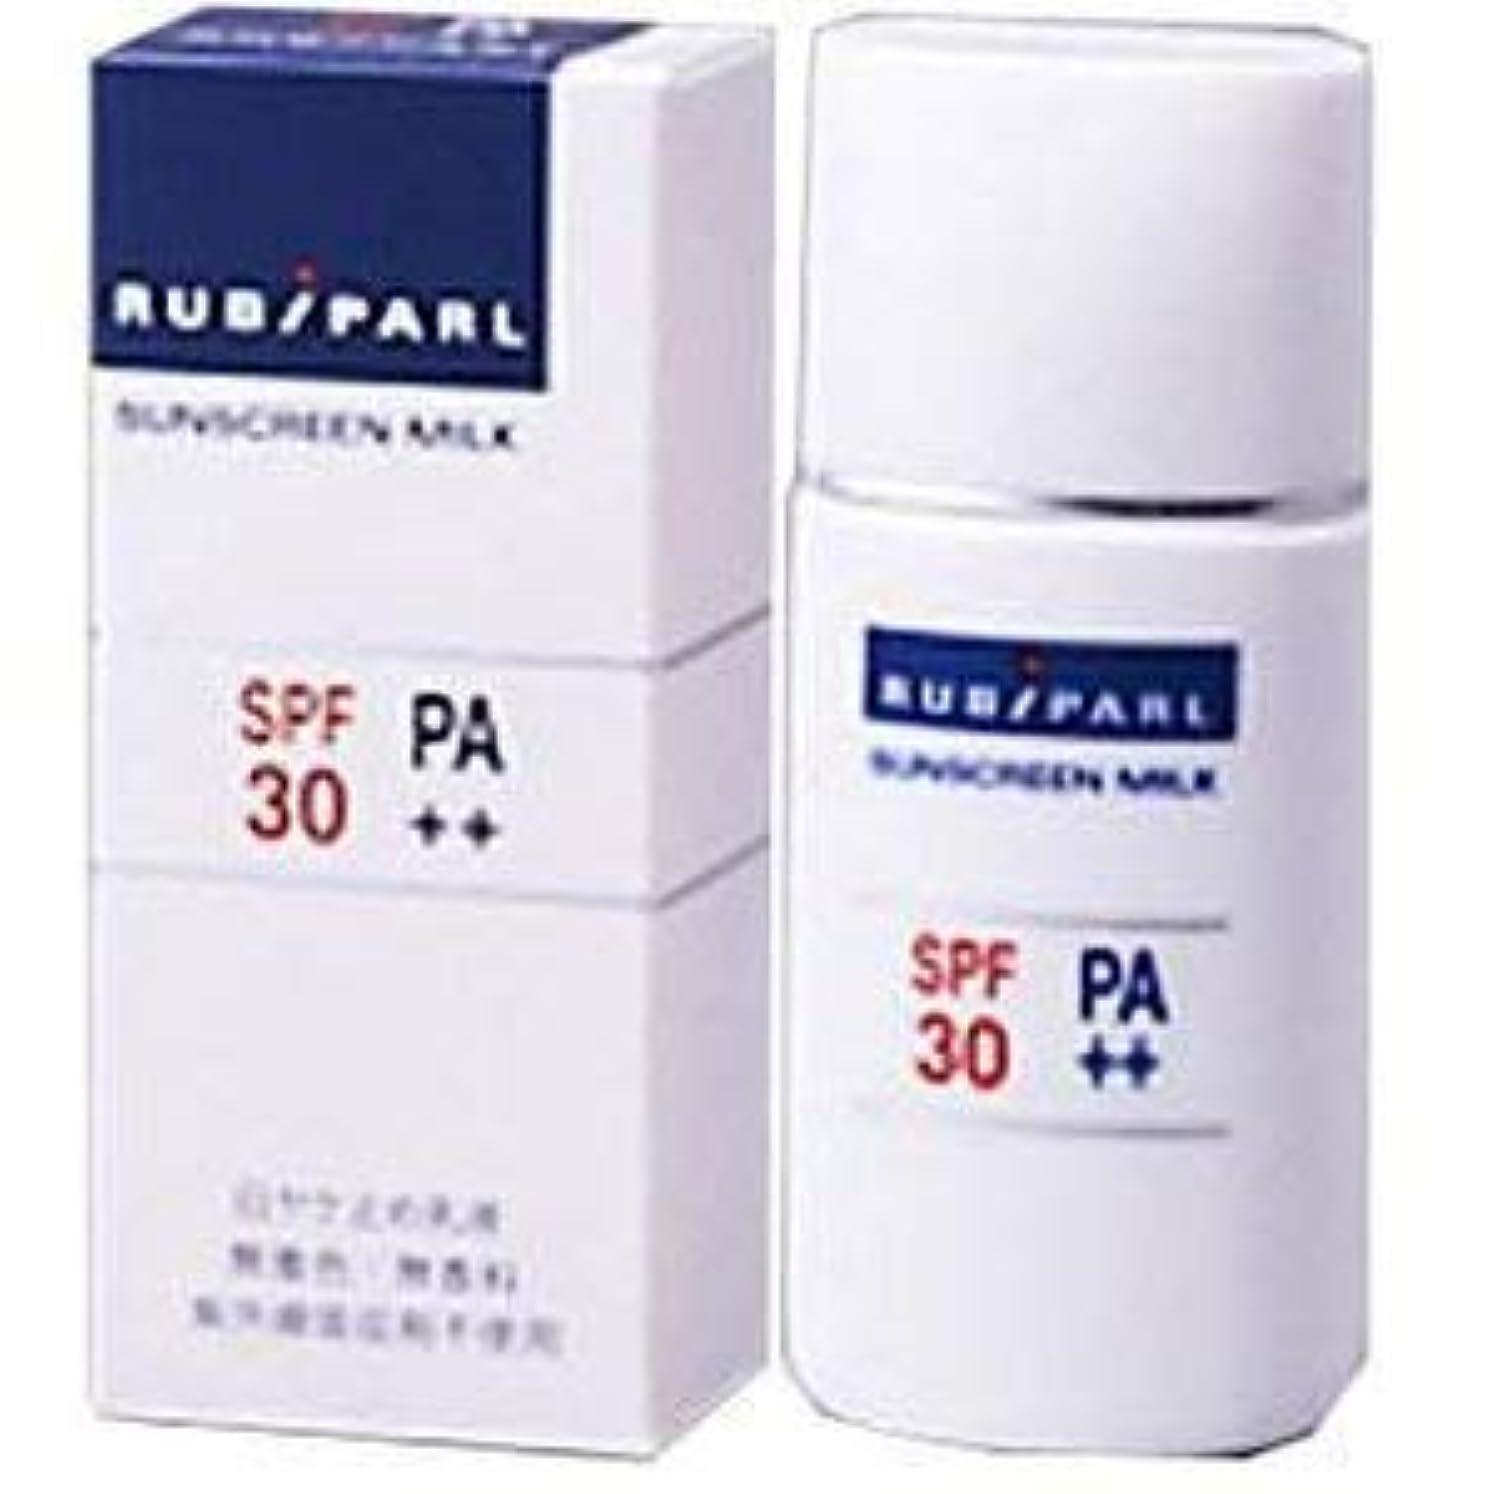 架空の固有の海洋ルビパール サンスクリーンミルク 日ヤケ止め乳液 SPF30 PA++ 30mLx3個セット